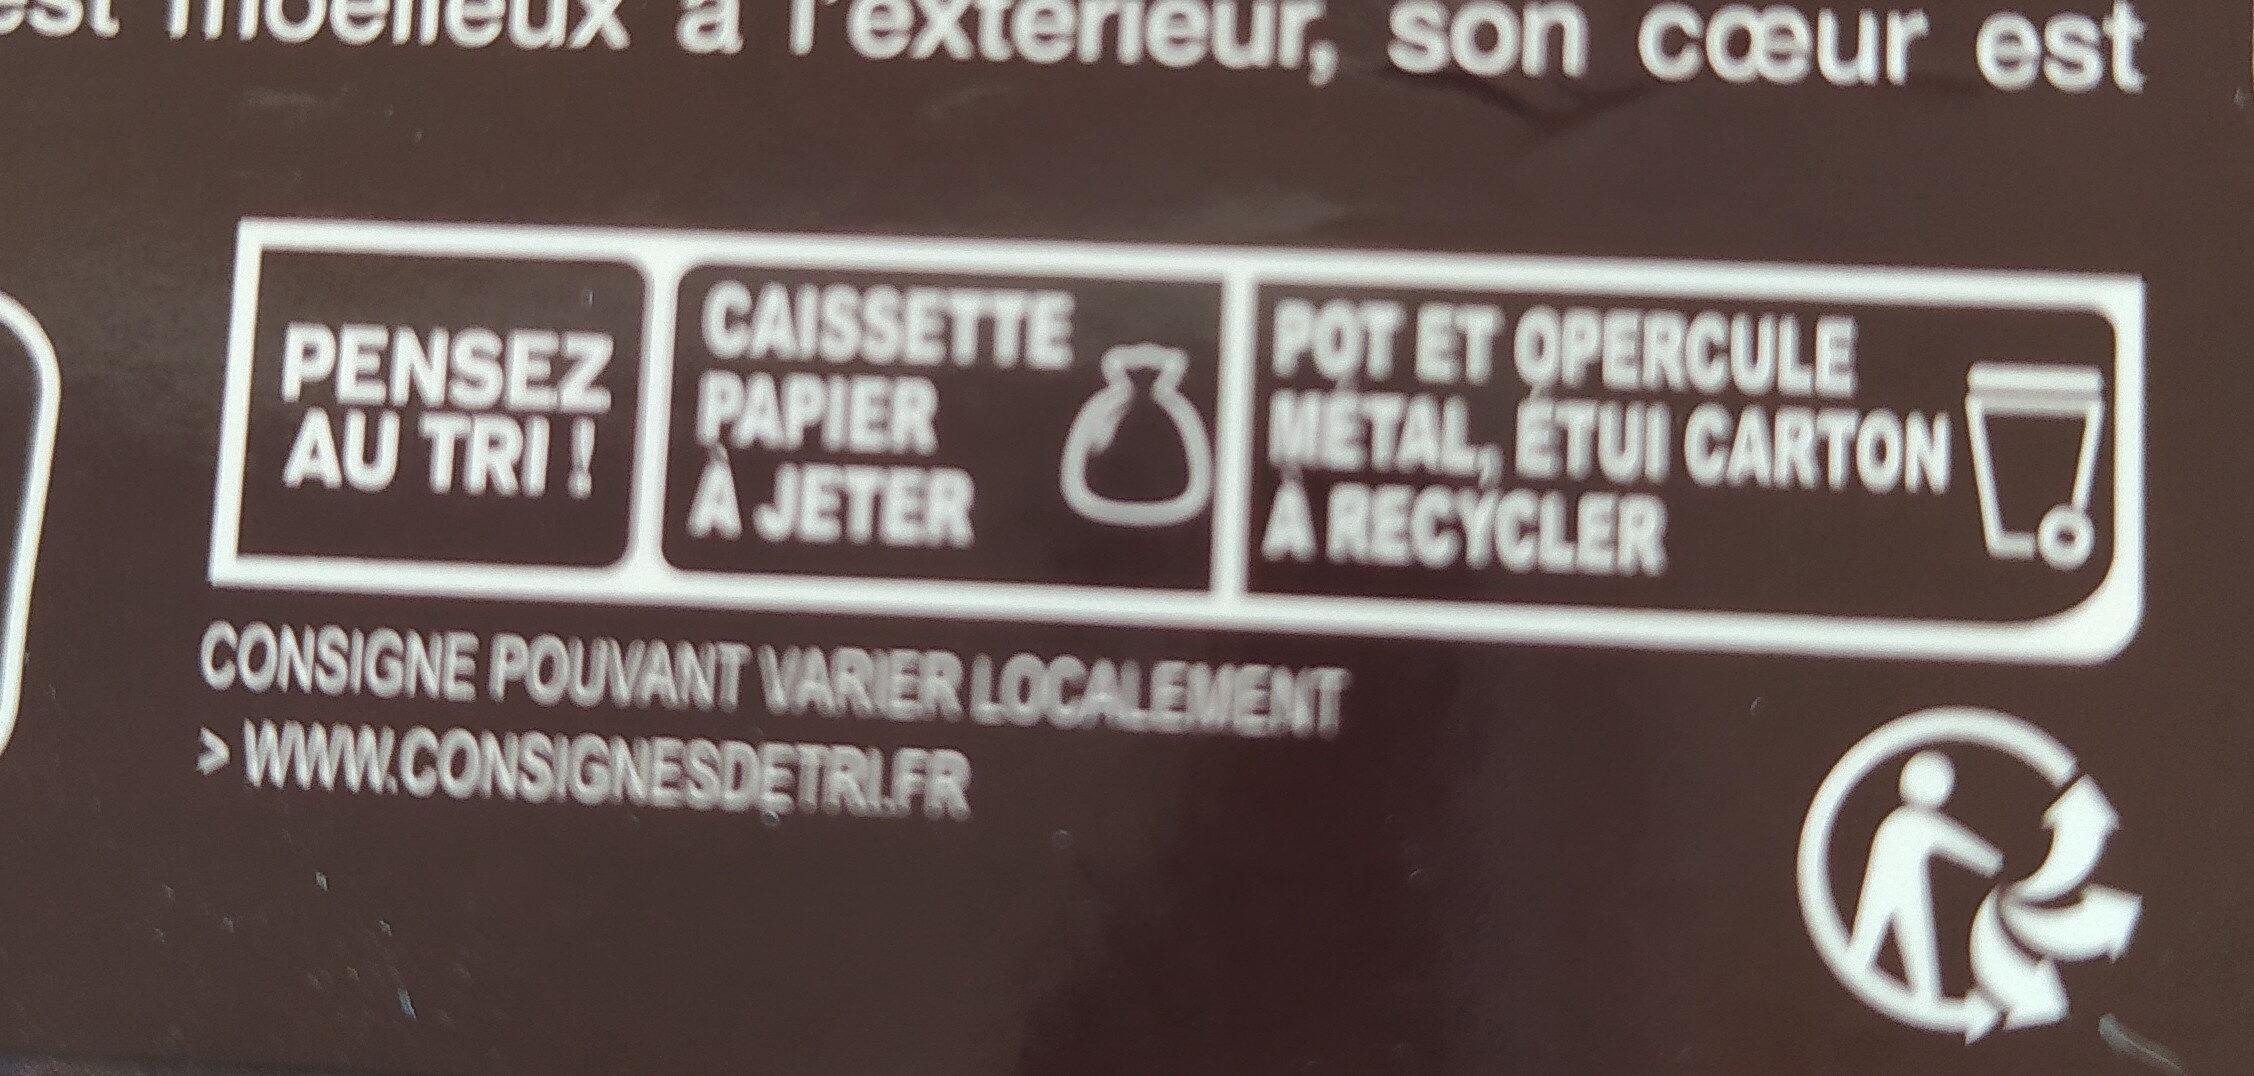 Fondant au chocolat x2 - Instruction de recyclage et/ou information d'emballage - fr